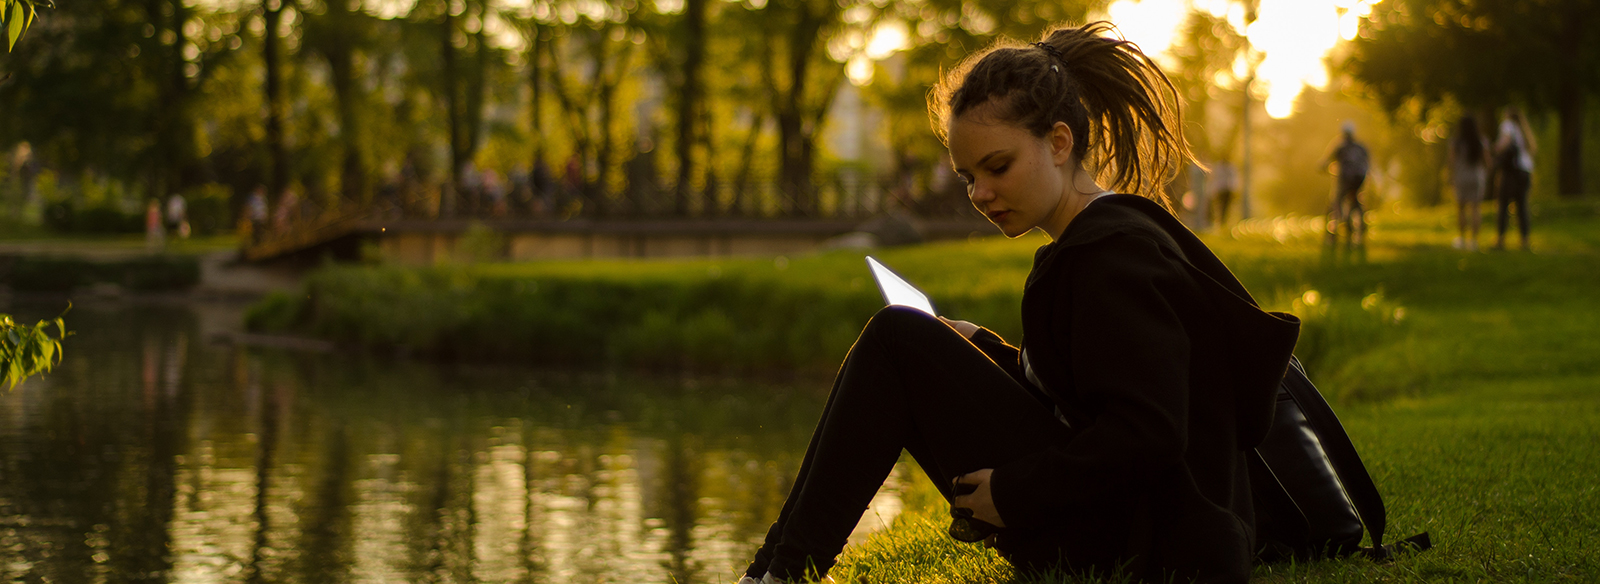 jeune femme lisant et assis sur une rive